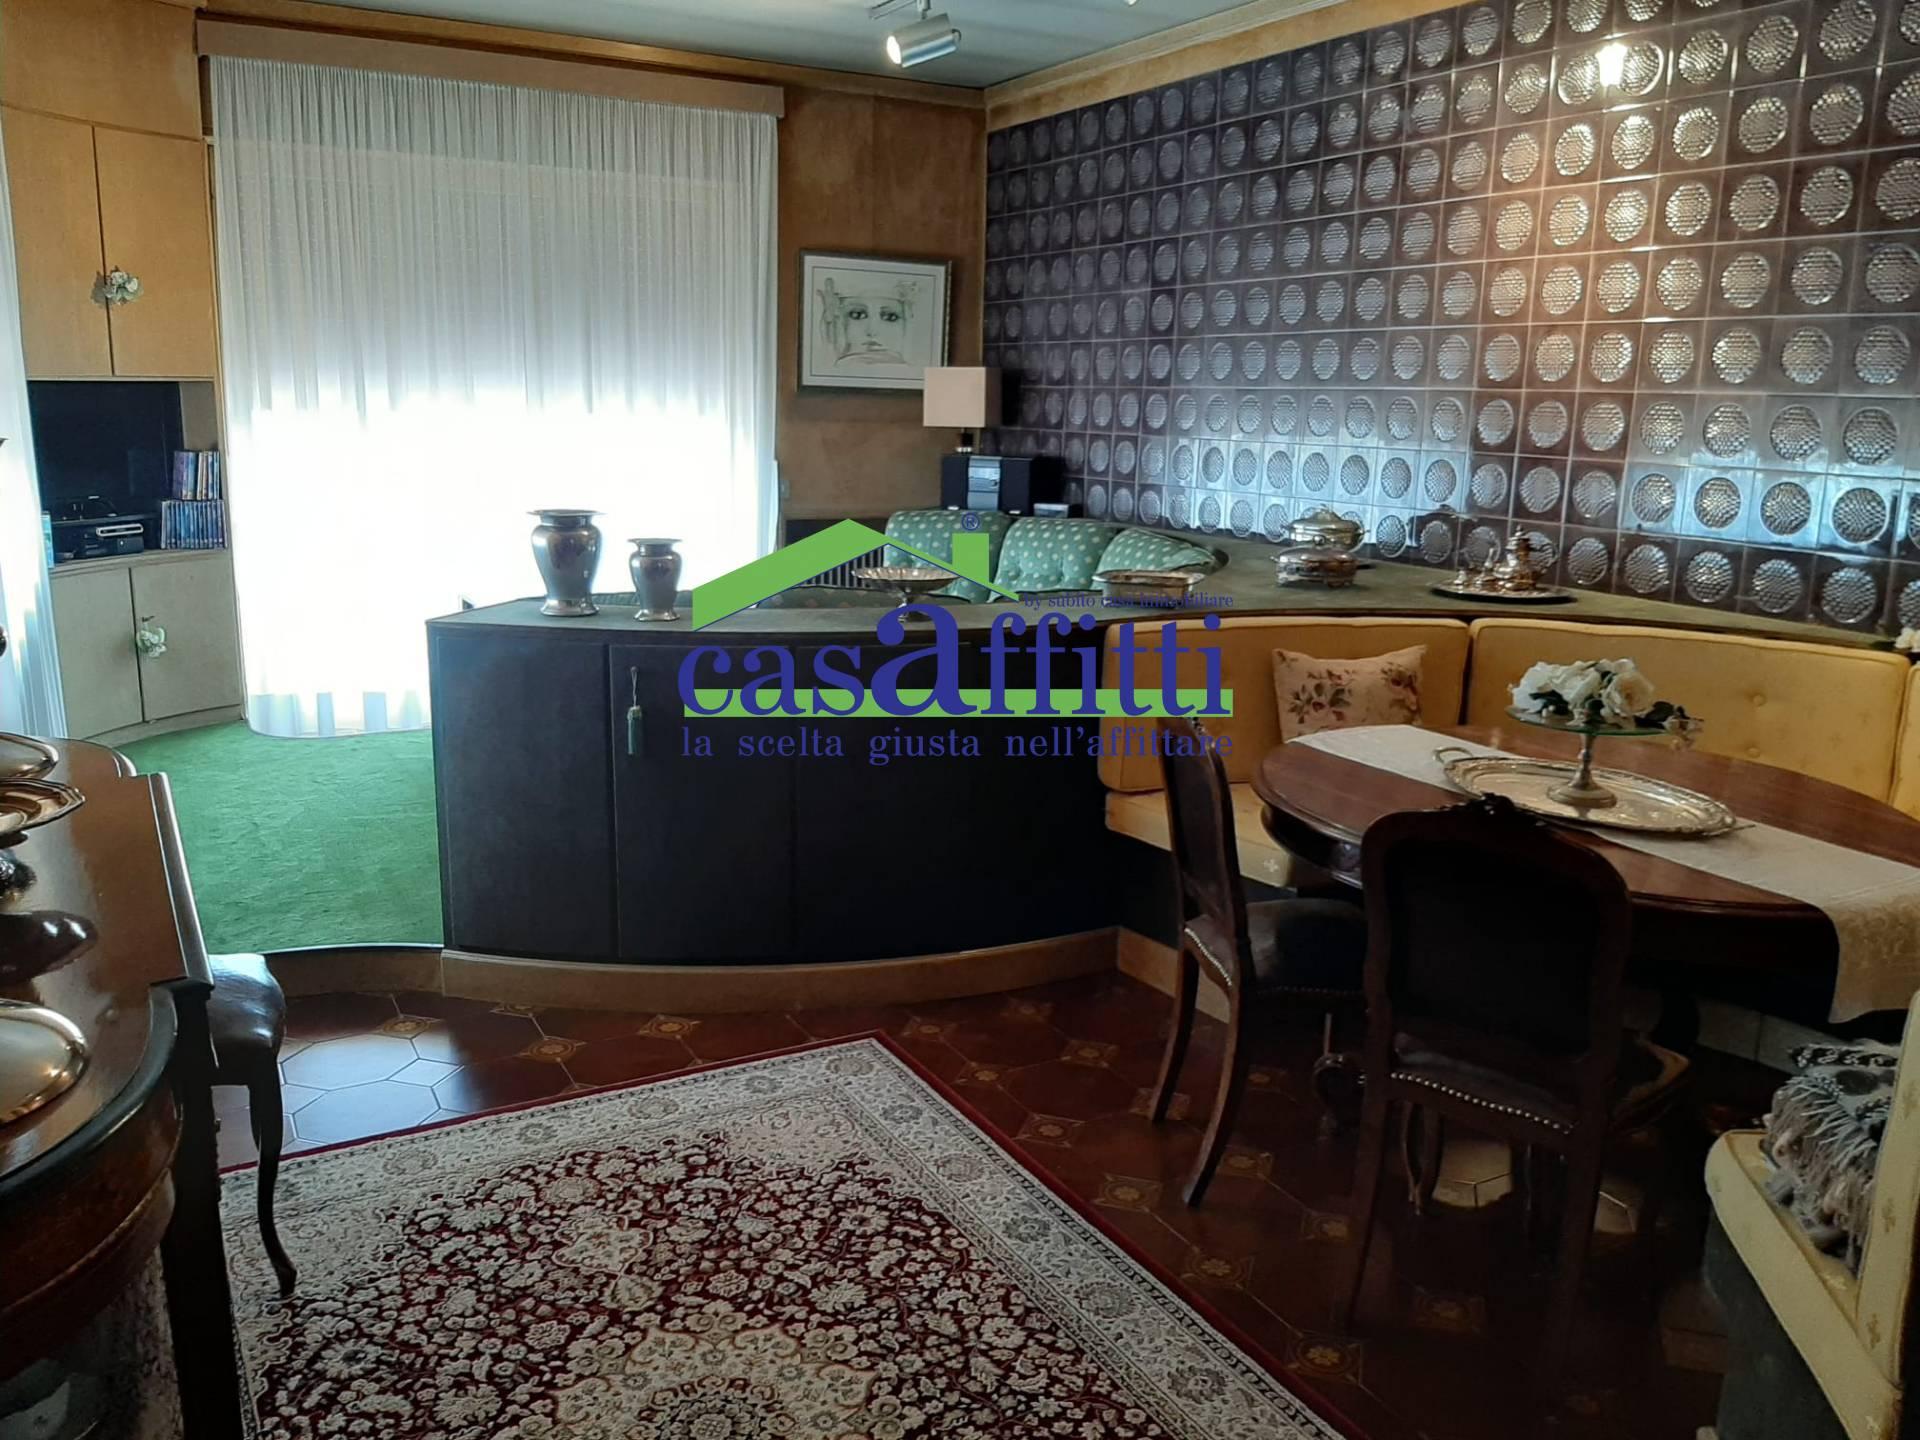 Attico / Mansarda in vendita a Chieti, 7 locali, zona Località: ChietiScaloCentro, prezzo € 365.000 | PortaleAgenzieImmobiliari.it